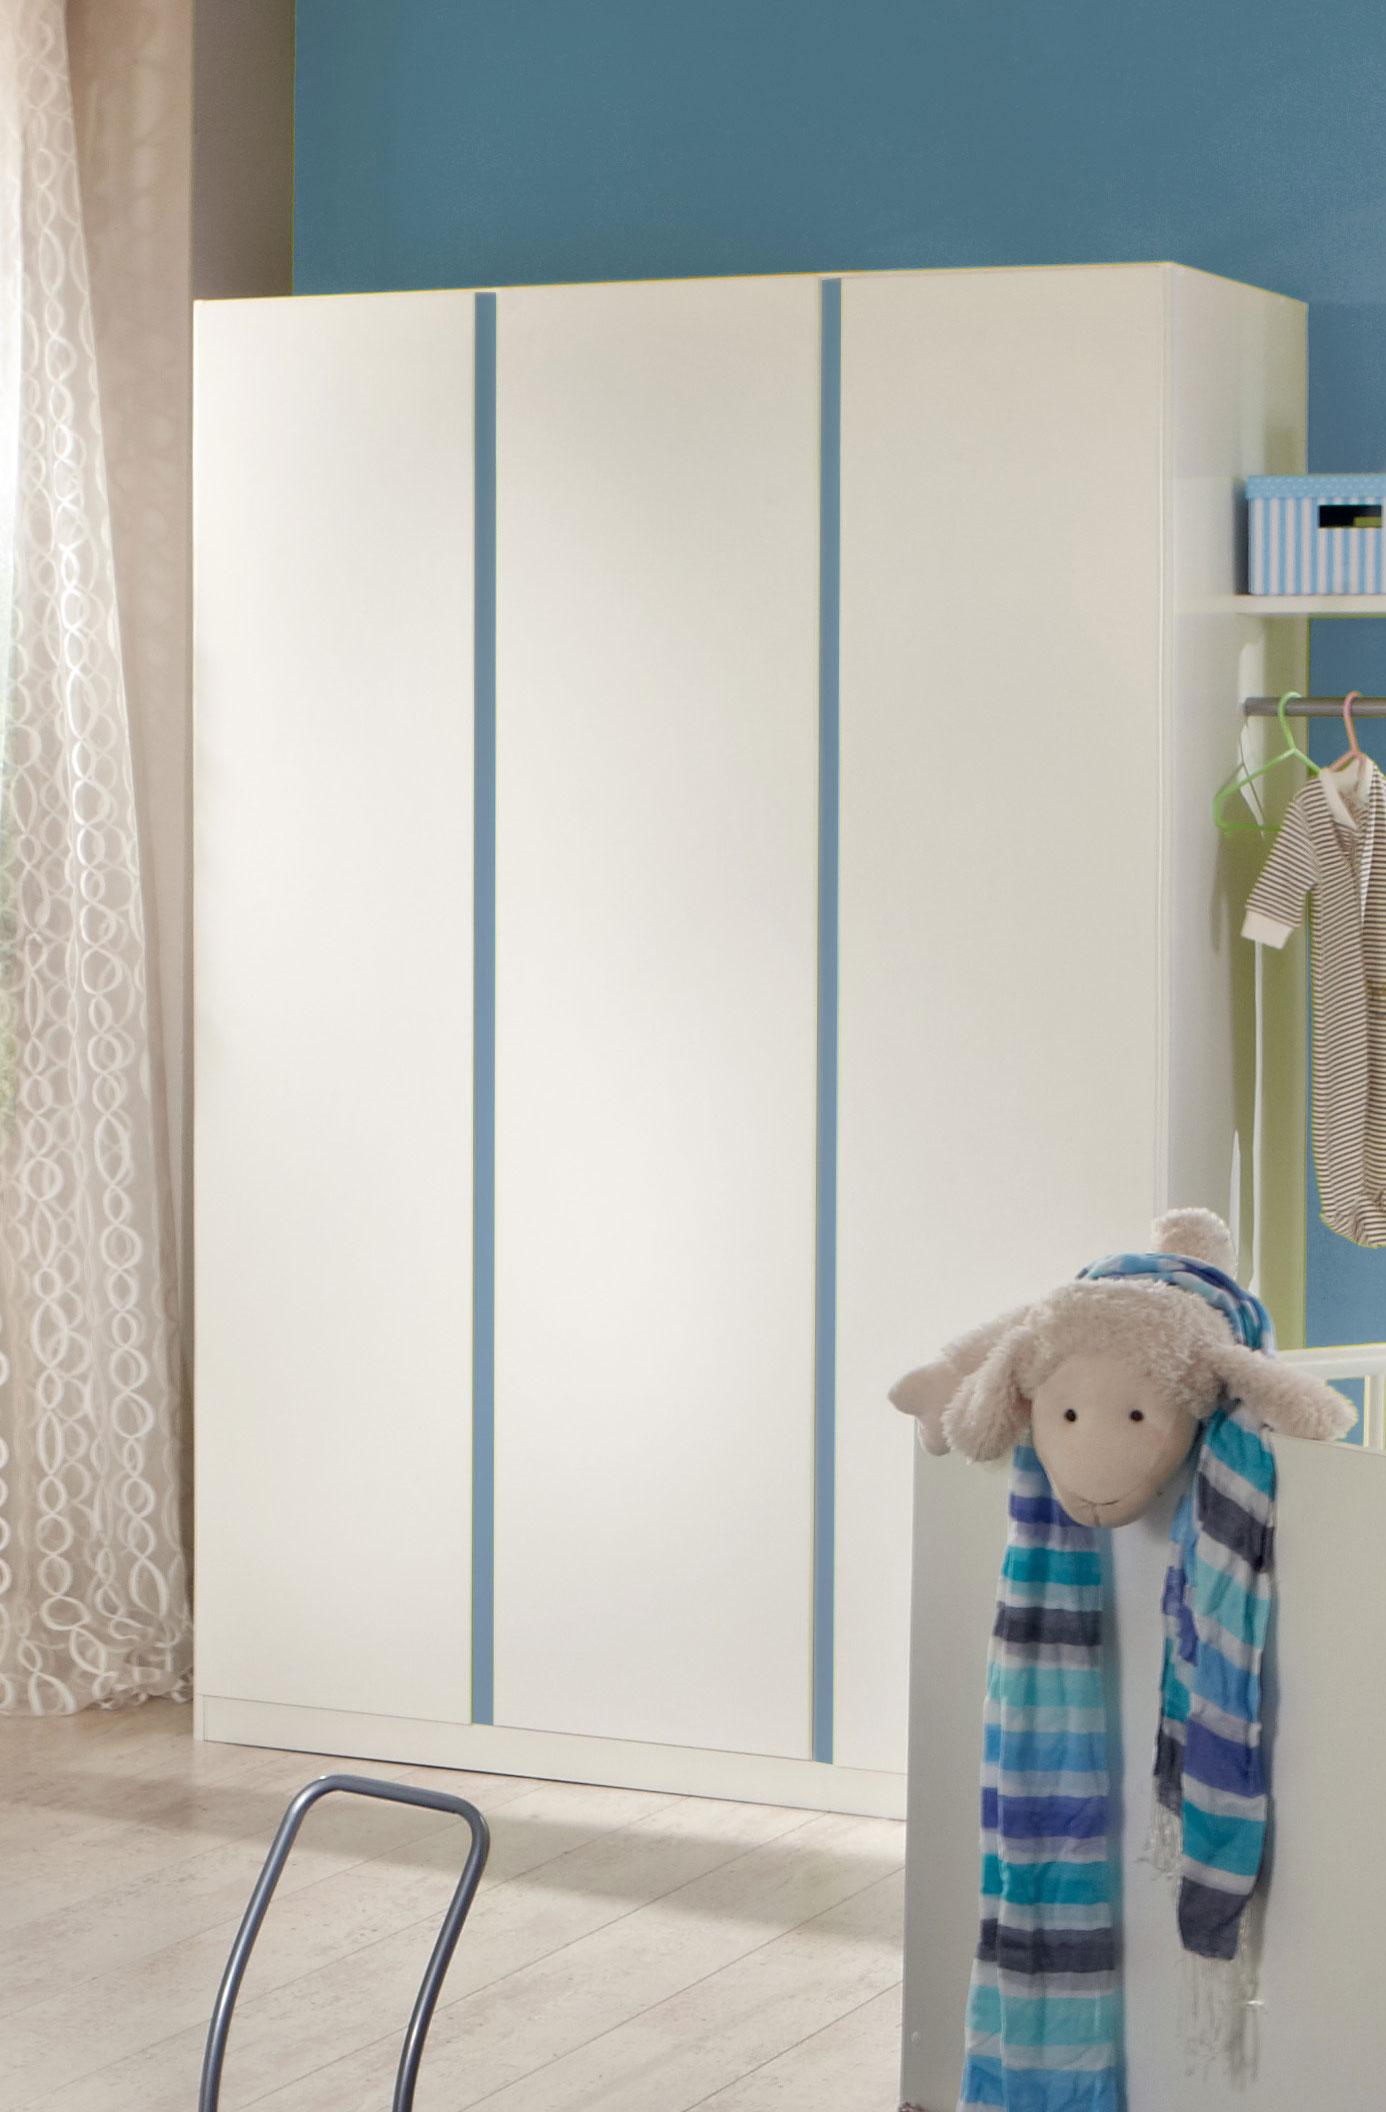 Armoire contemporaine 3 portes blanc alpin/décor bleu denim Mandy